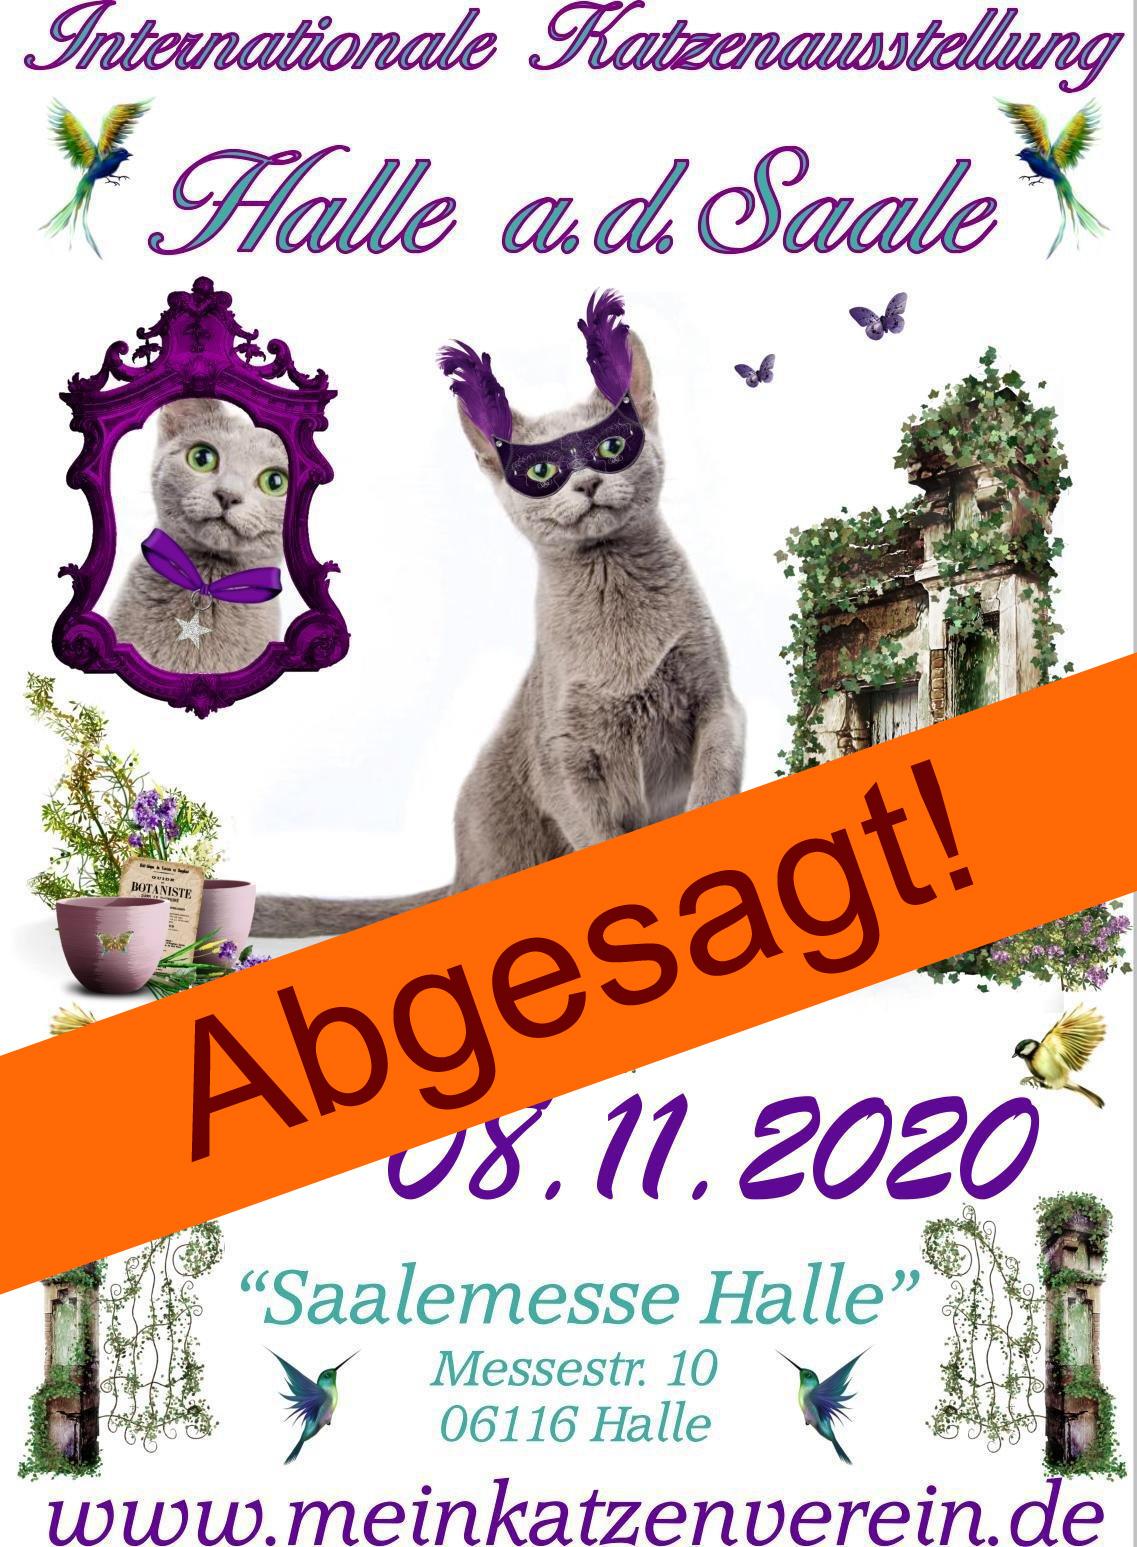 Internationale Katzenausstellung im Rahmen der Saalemesse - ABGESAGT!